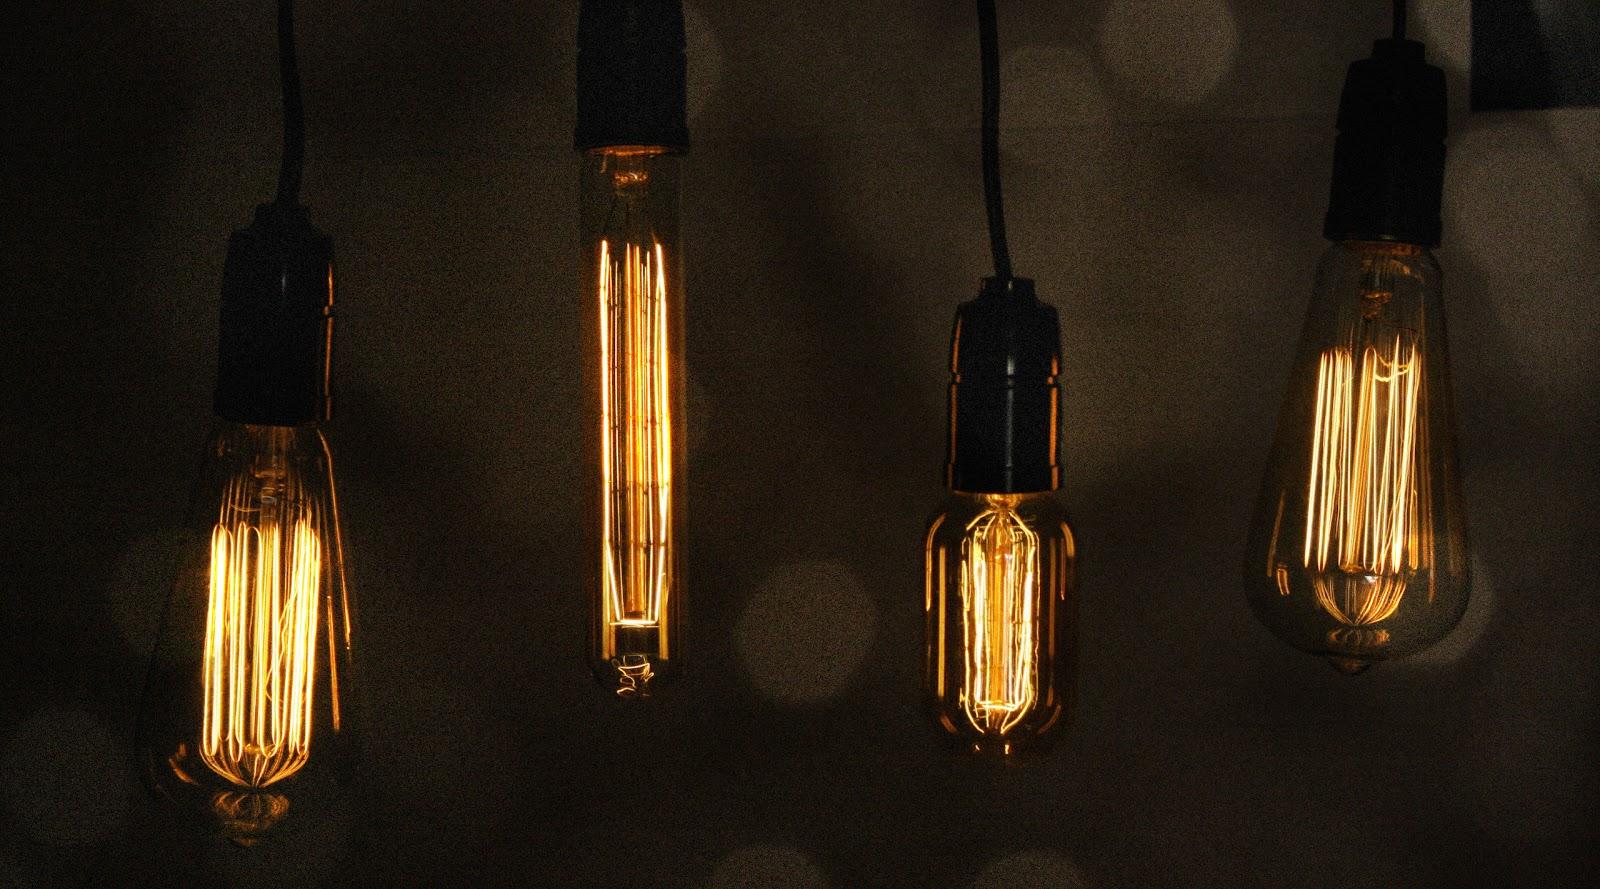 vintage light bulbs. Black Bedroom Furniture Sets. Home Design Ideas